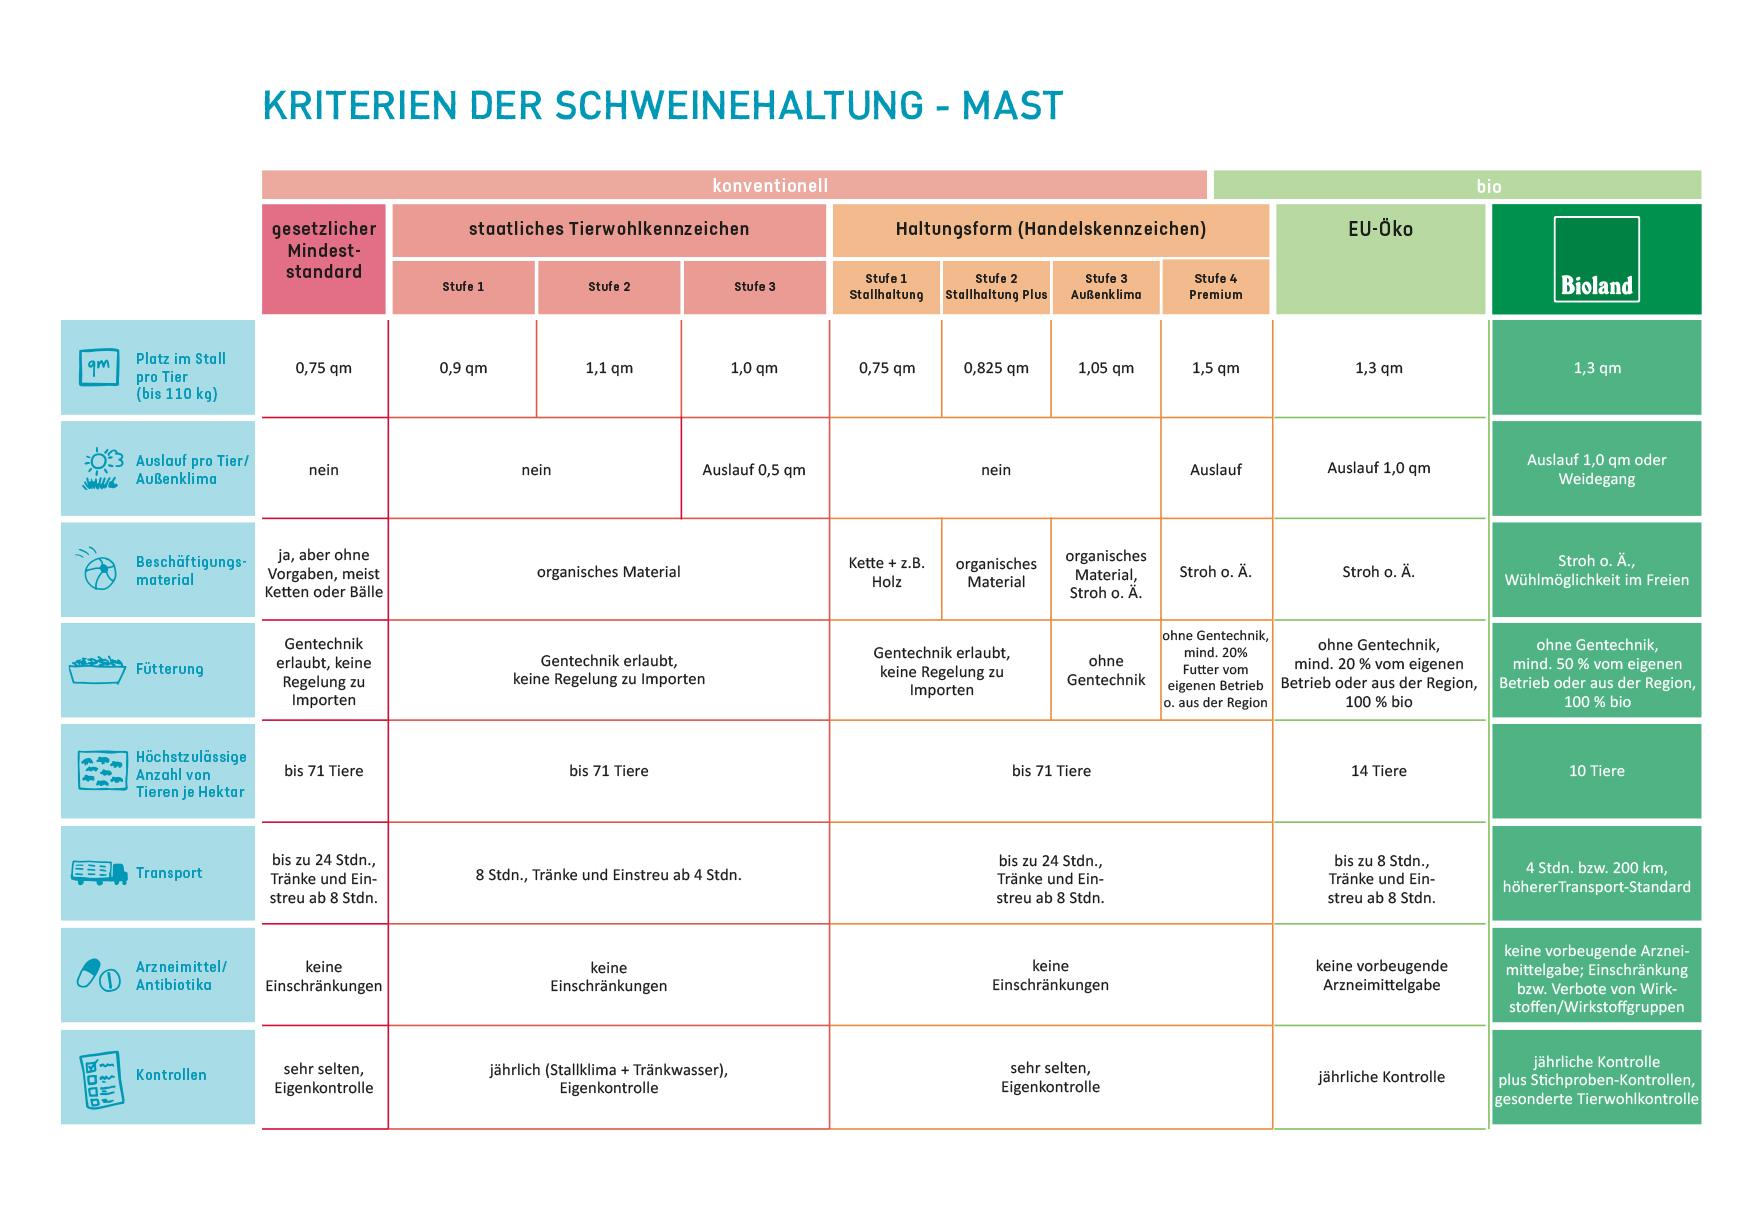 Tabelle_Schweinehaltung_Mast.jpg